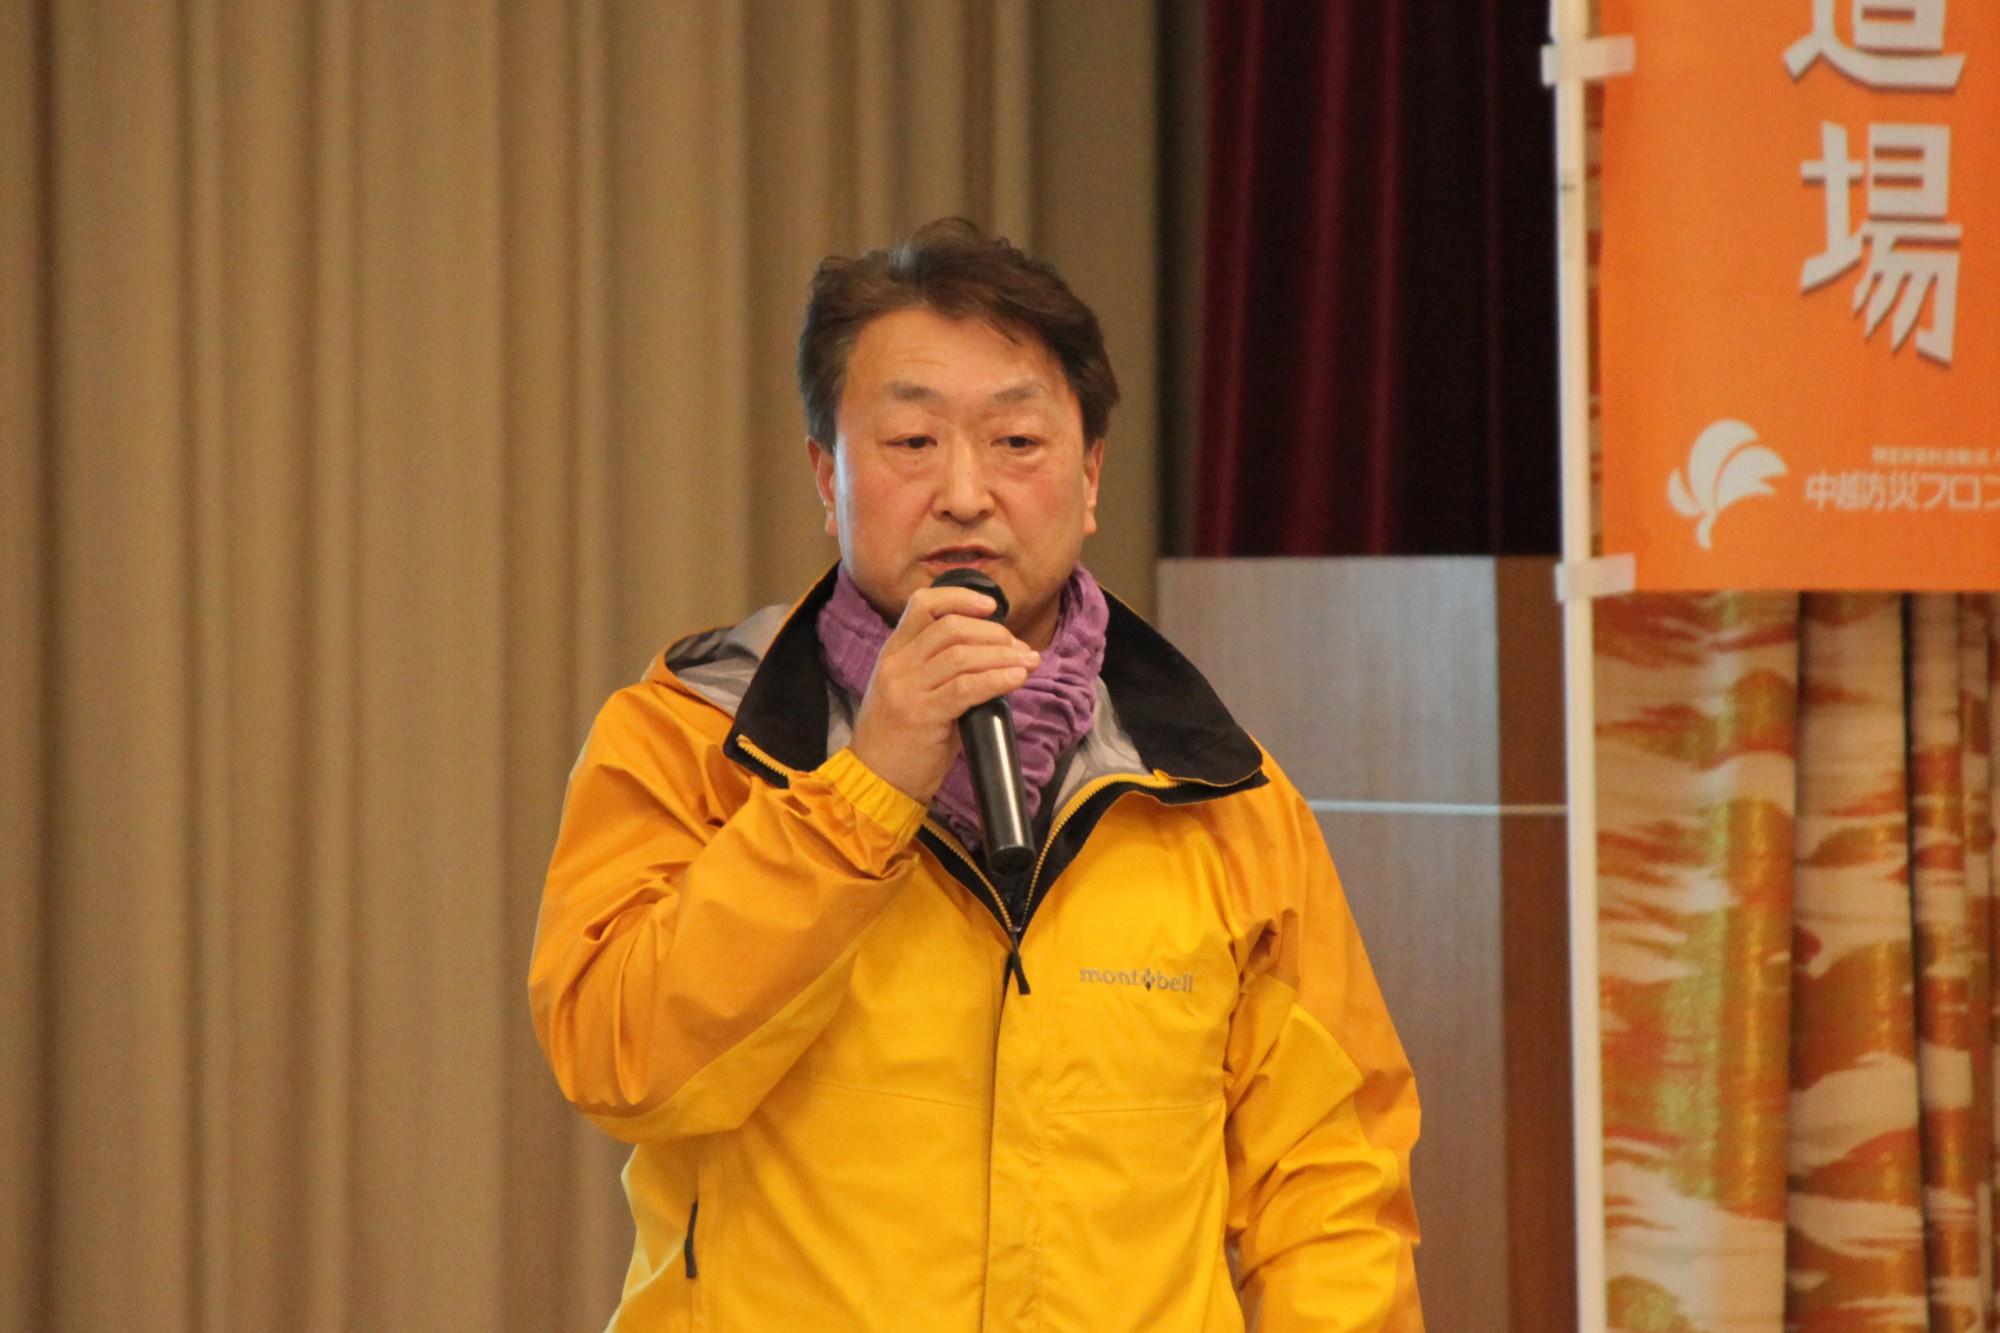 NPO法人中越防災フロンティア理事長 田中仁さんによる開会の挨拶からスタート。